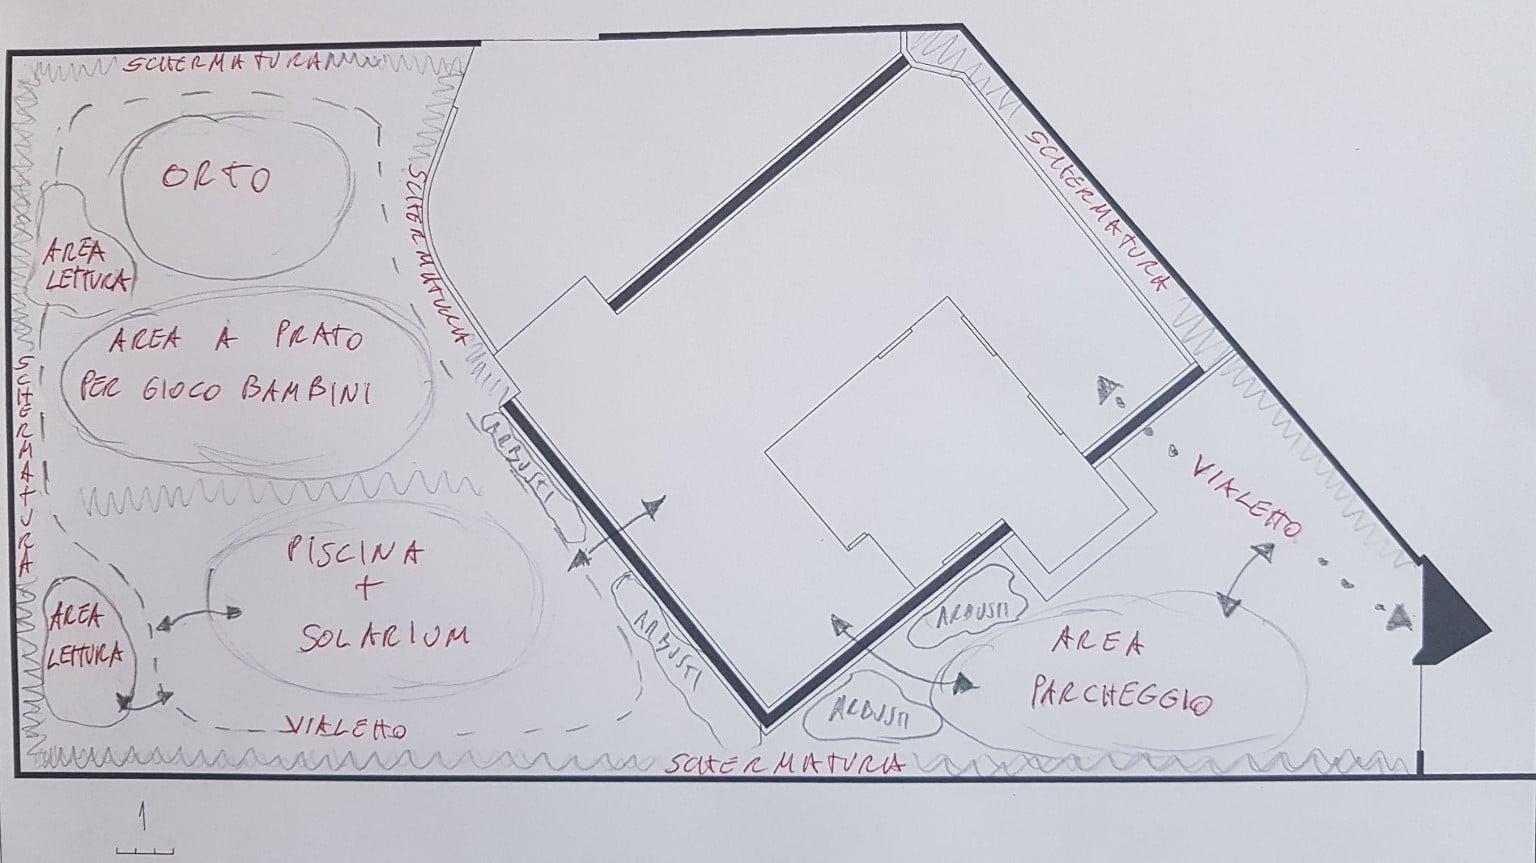 Progettazione-di-giardino-a-Napoli- diagramma-concettuale